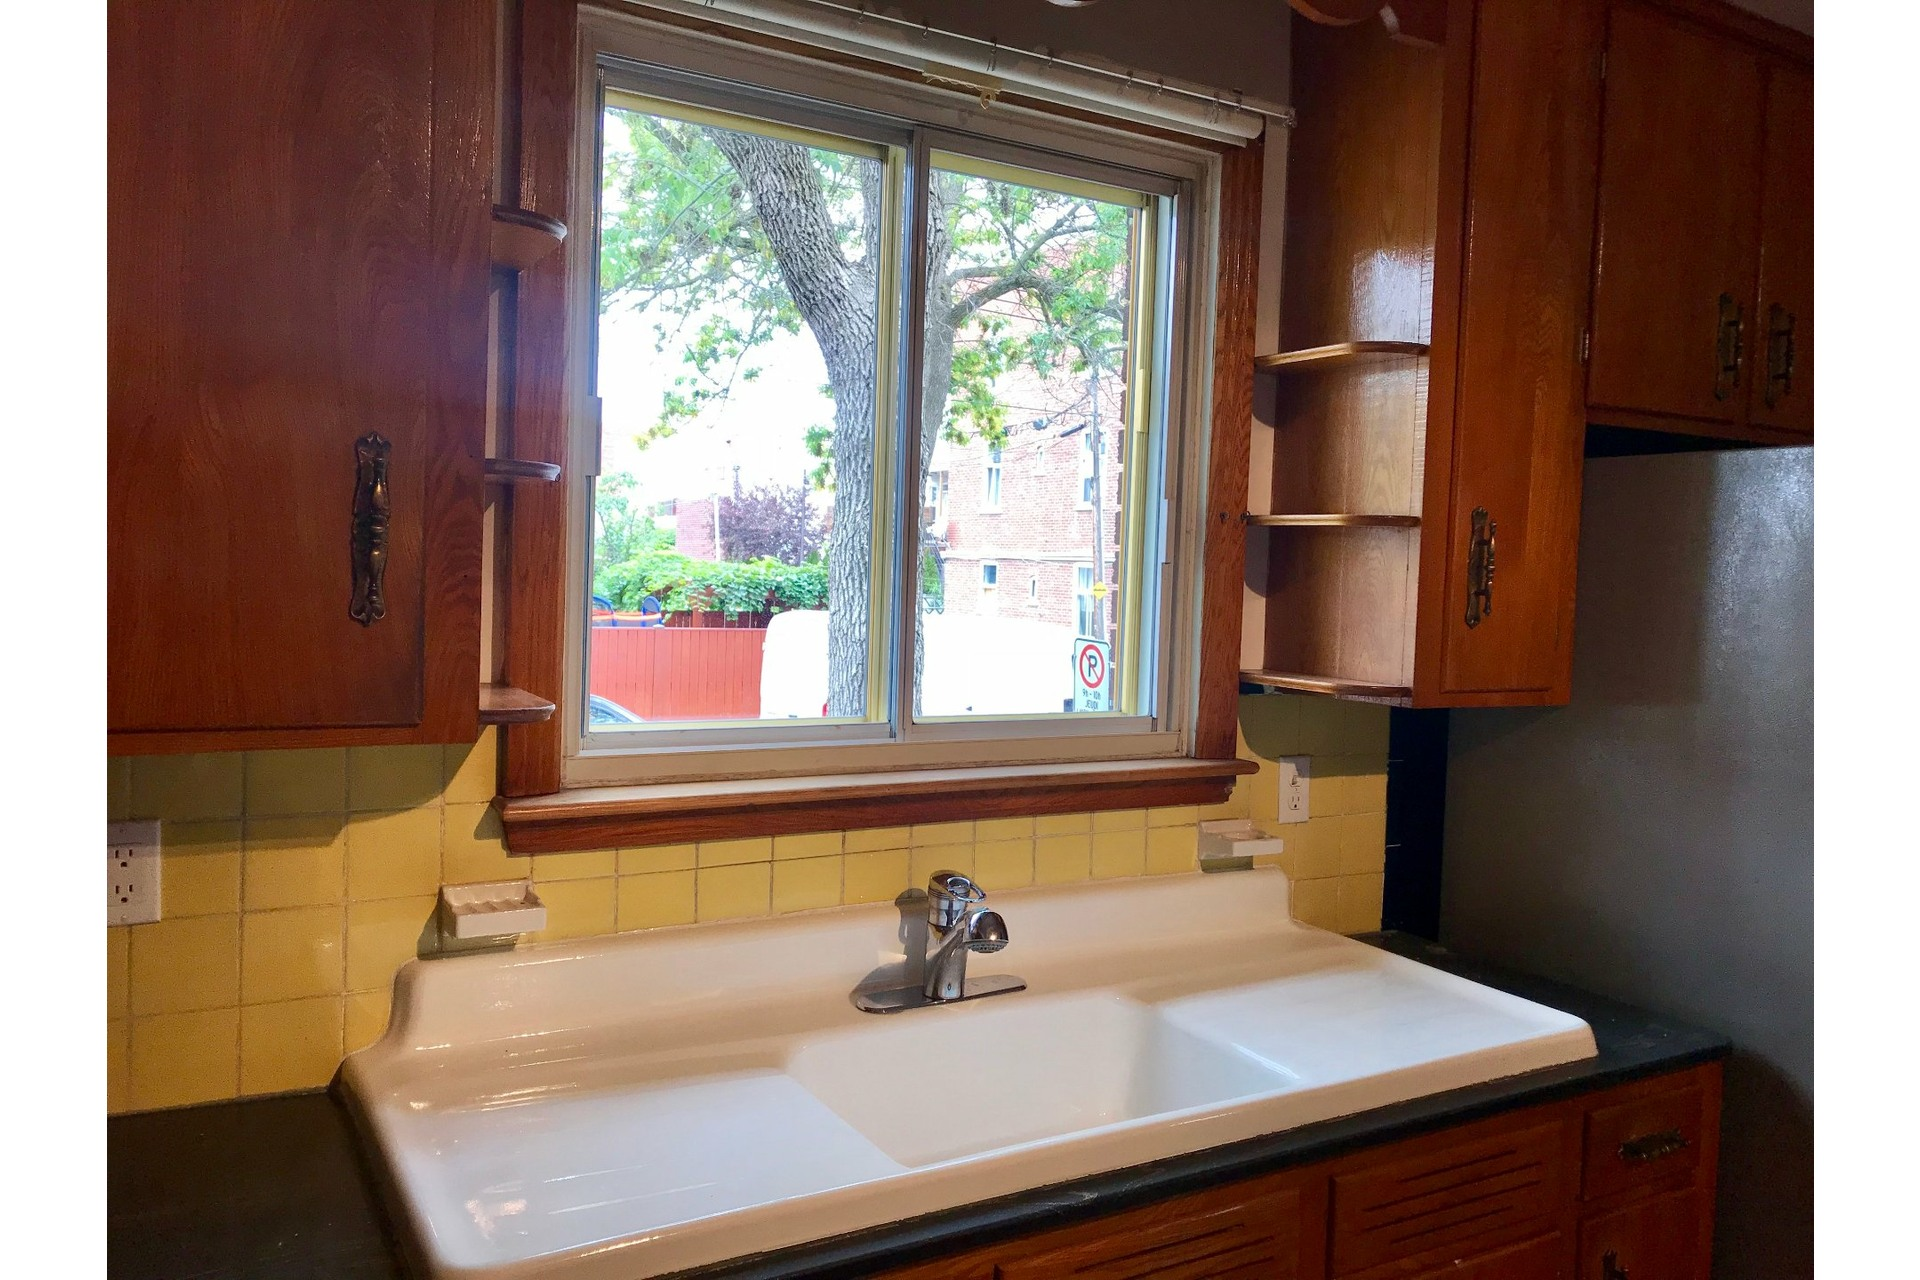 image 7 - Appartement À louer Villeray/Saint-Michel/Parc-Extension Montréal  - 5 pièces